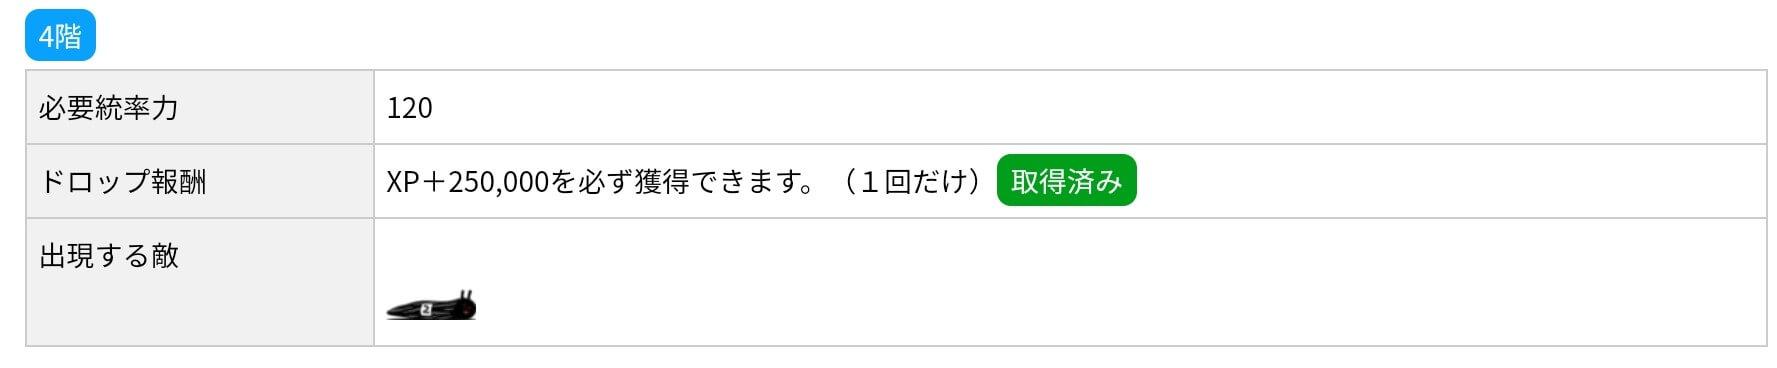 にゃんこ別塔(黒)4階 敵編成